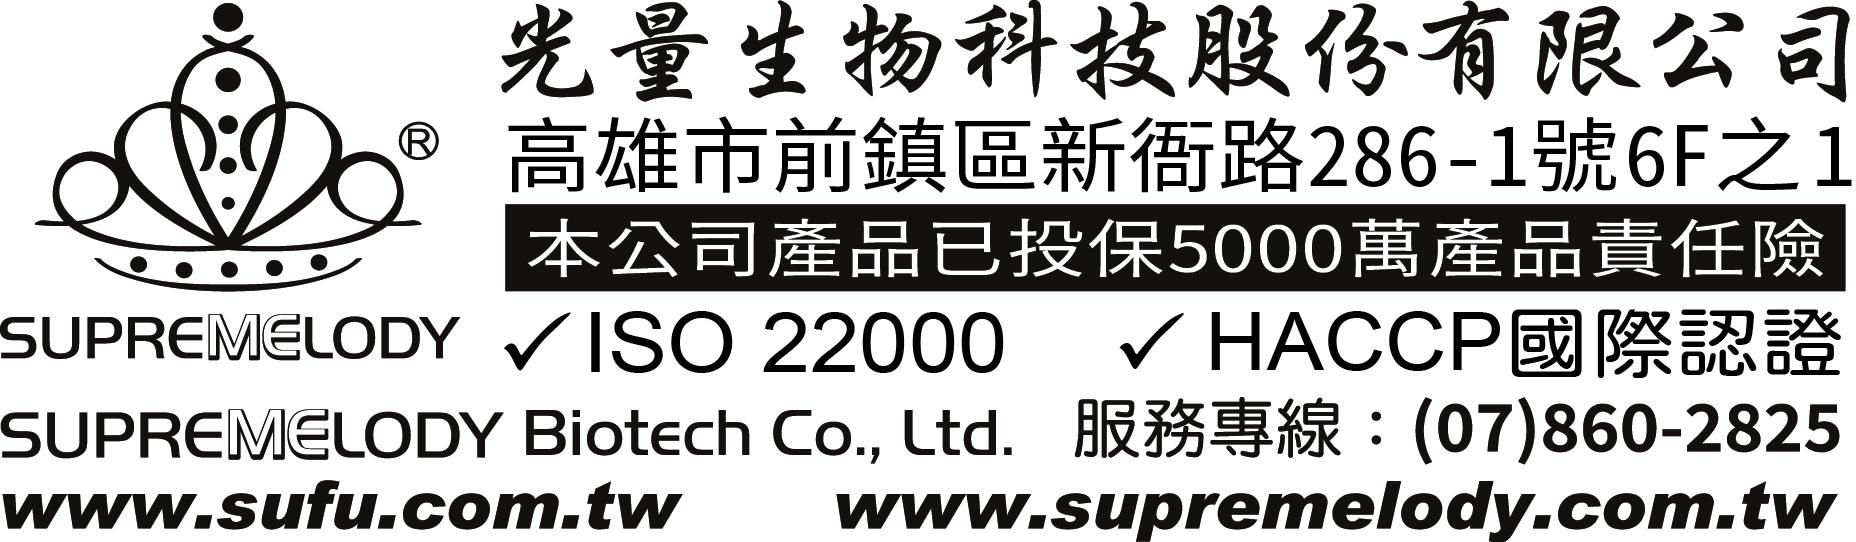 光量生物科技股份有限公司產品用標章